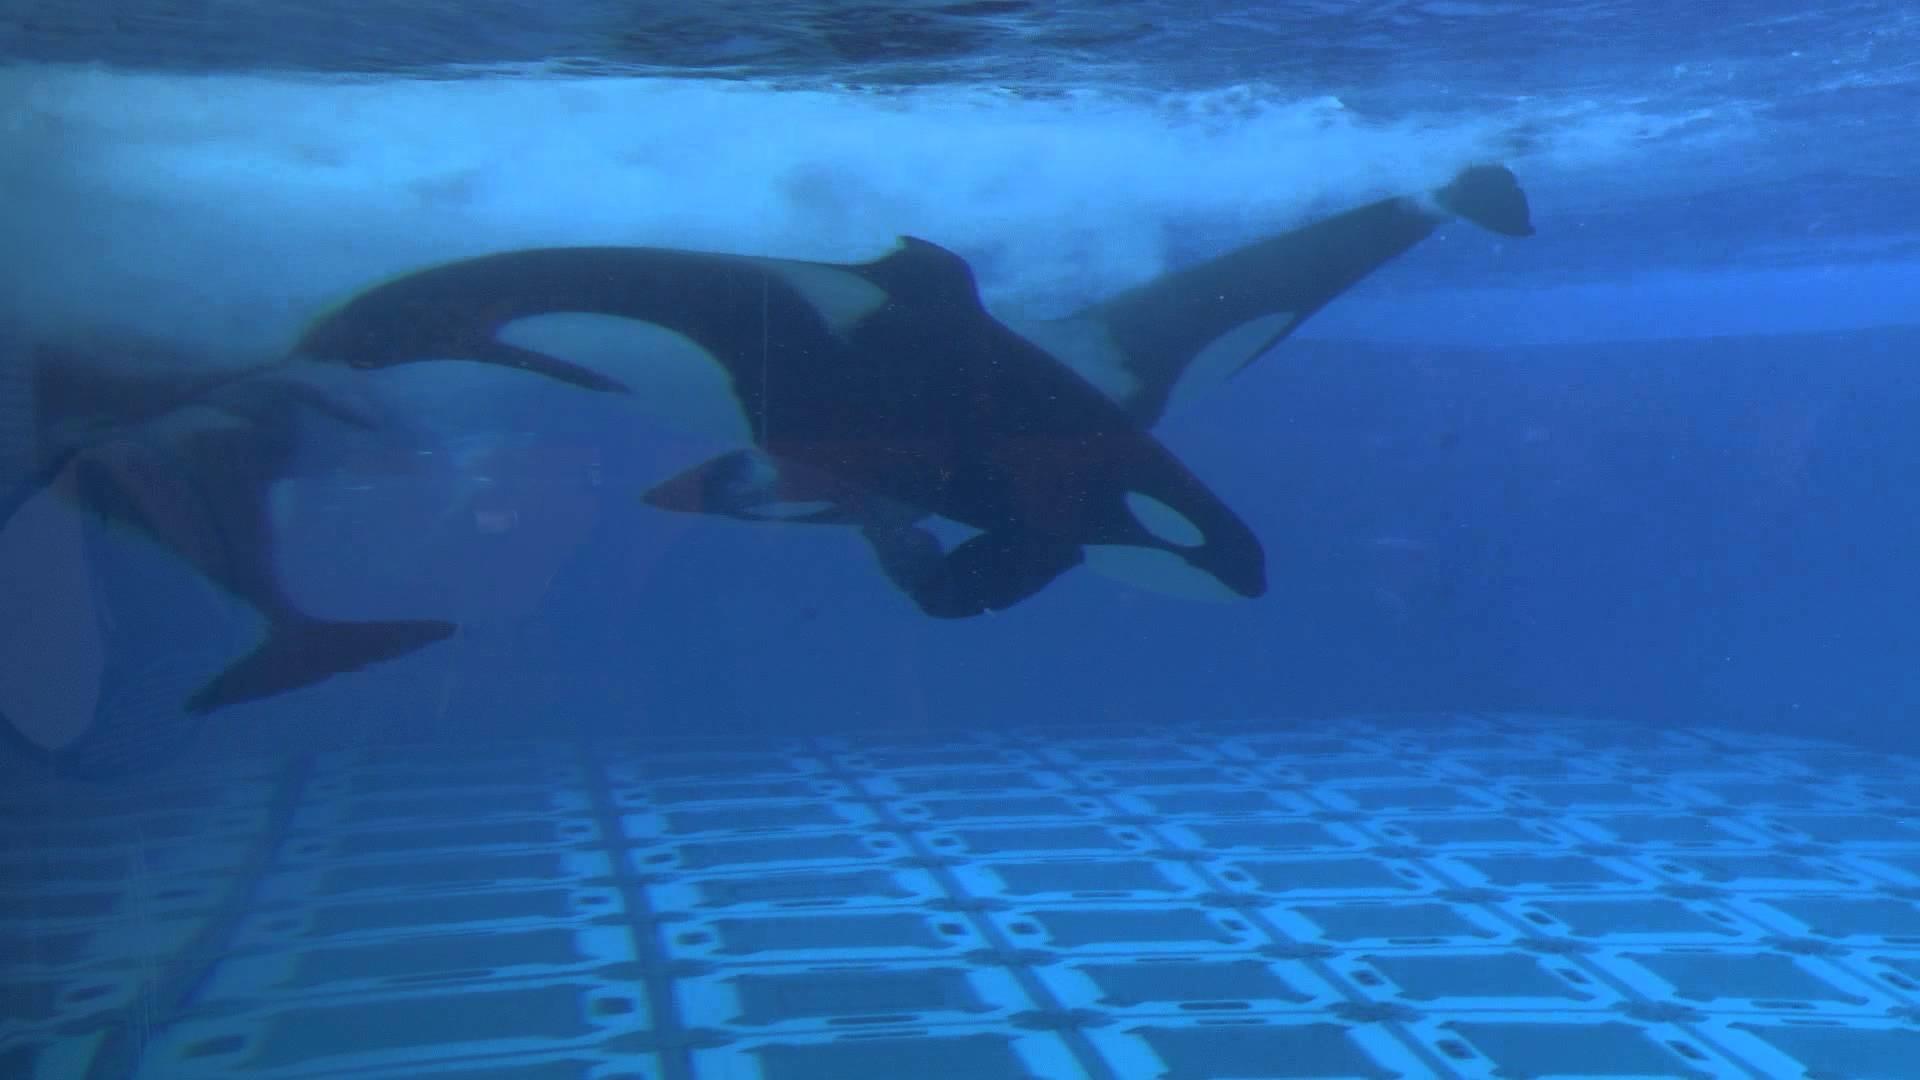 Res: 1920x1080, [HD1080p50] Shamu Stadium, Underwater Viewing, Seaworld Orlando, Florida  2013 - YouTube